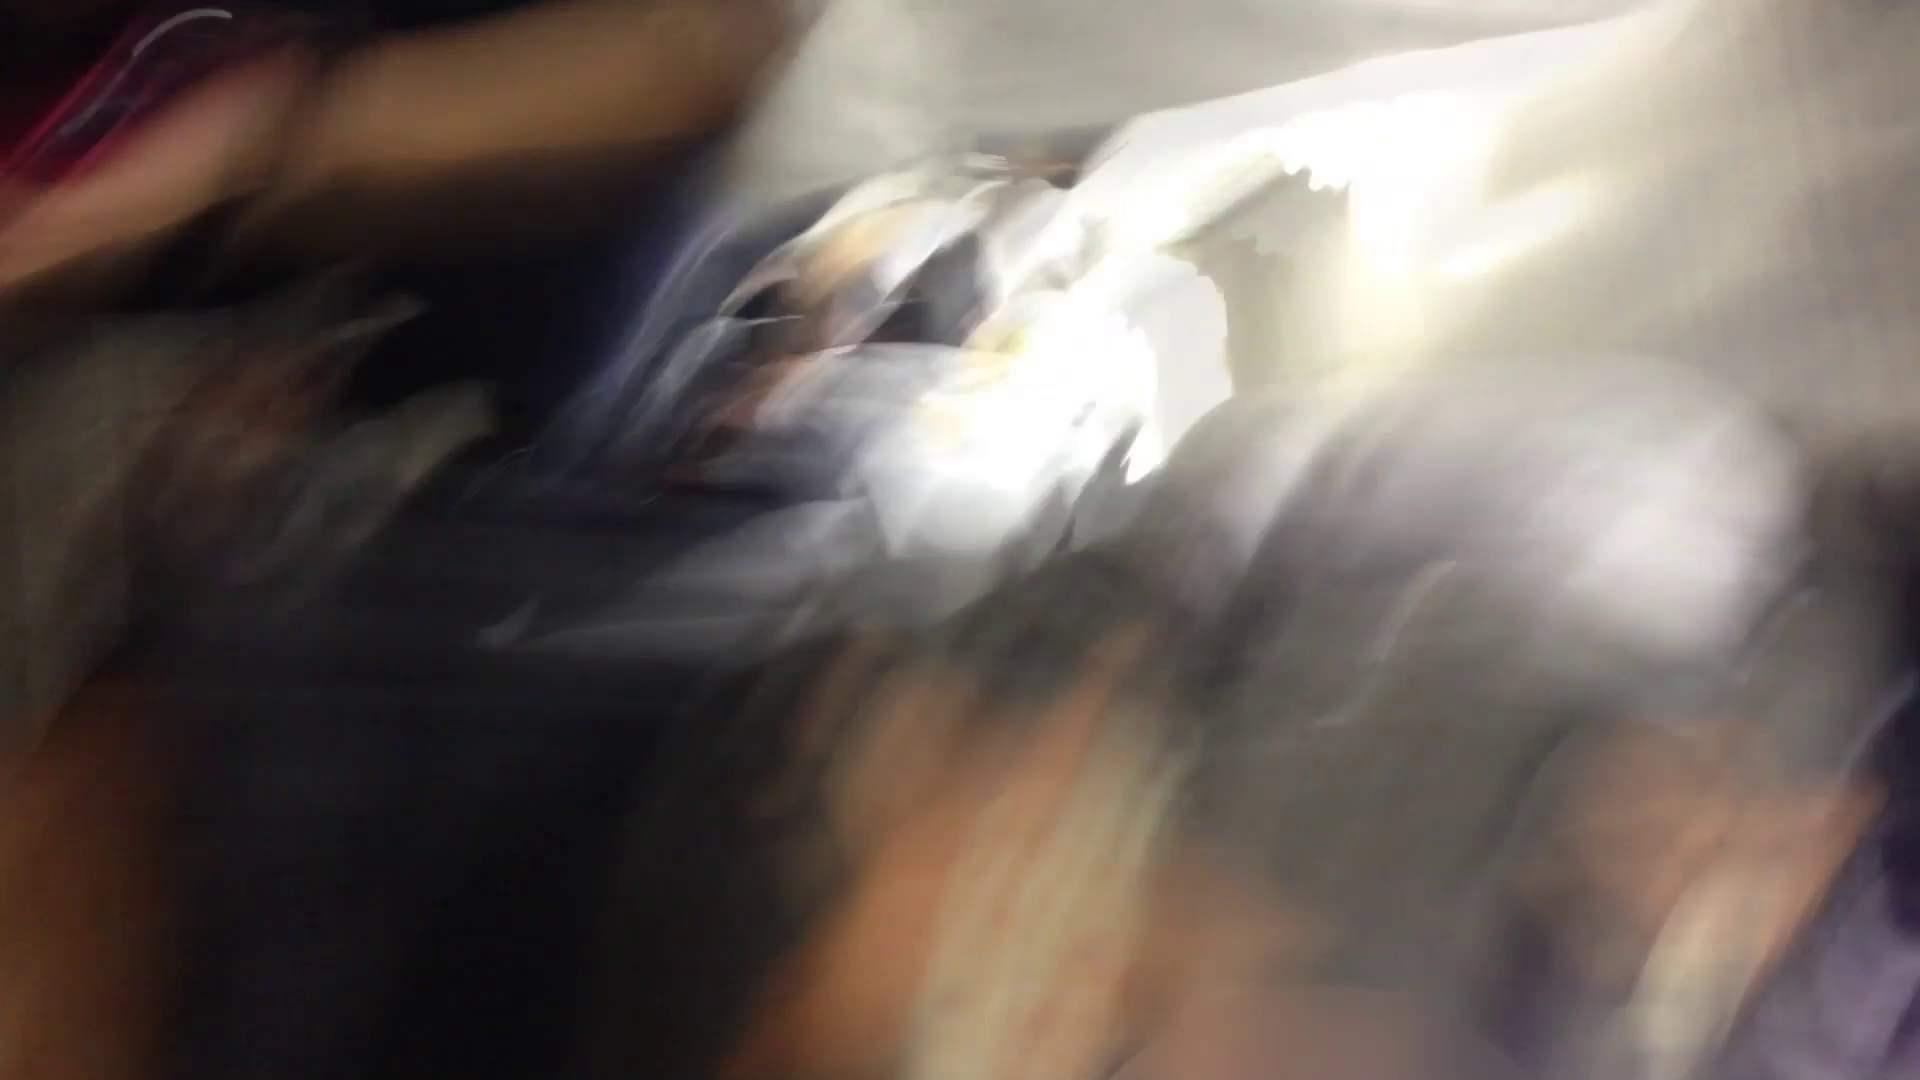 階段パンチラ Vol.09 OLのボディ ヌード画像 85PIX 30